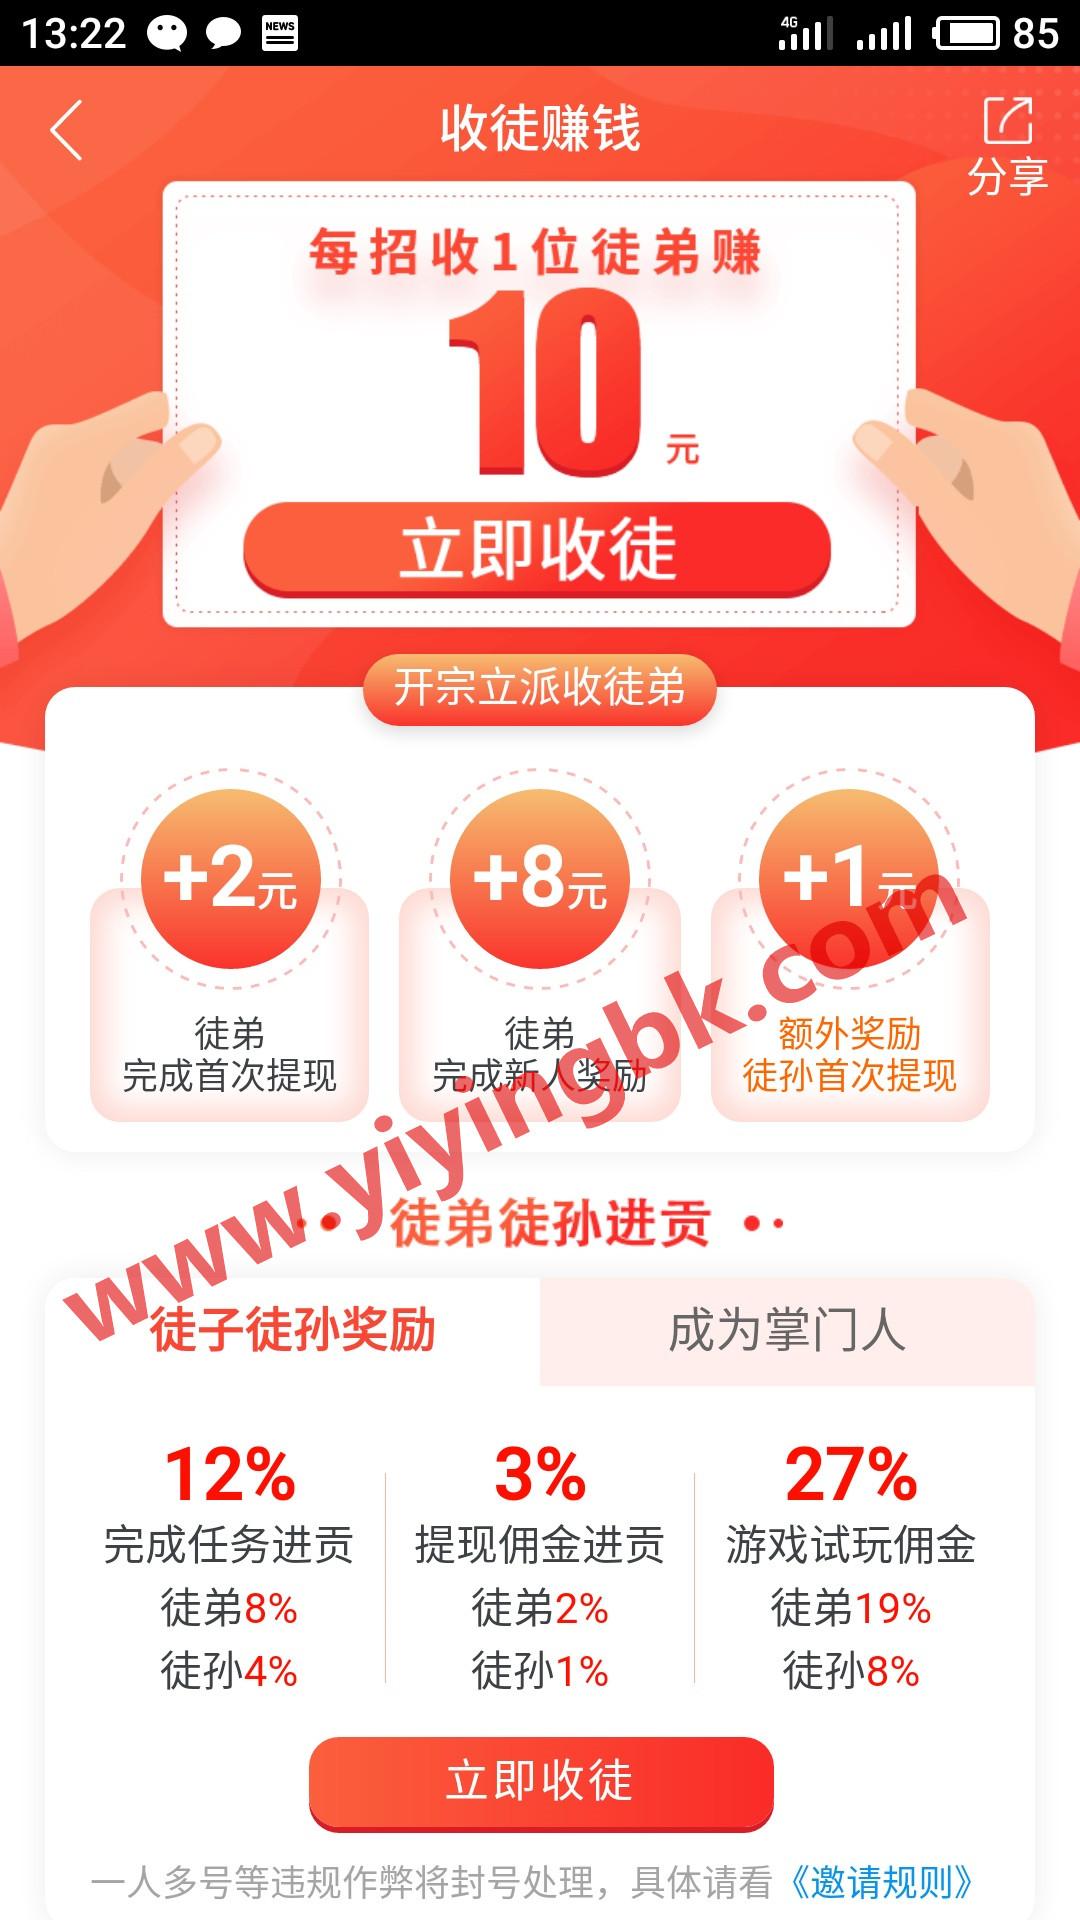 收徒赚钱,收一位赚10元,微信和支付宝提现秒到账,www.yiyingbk.com